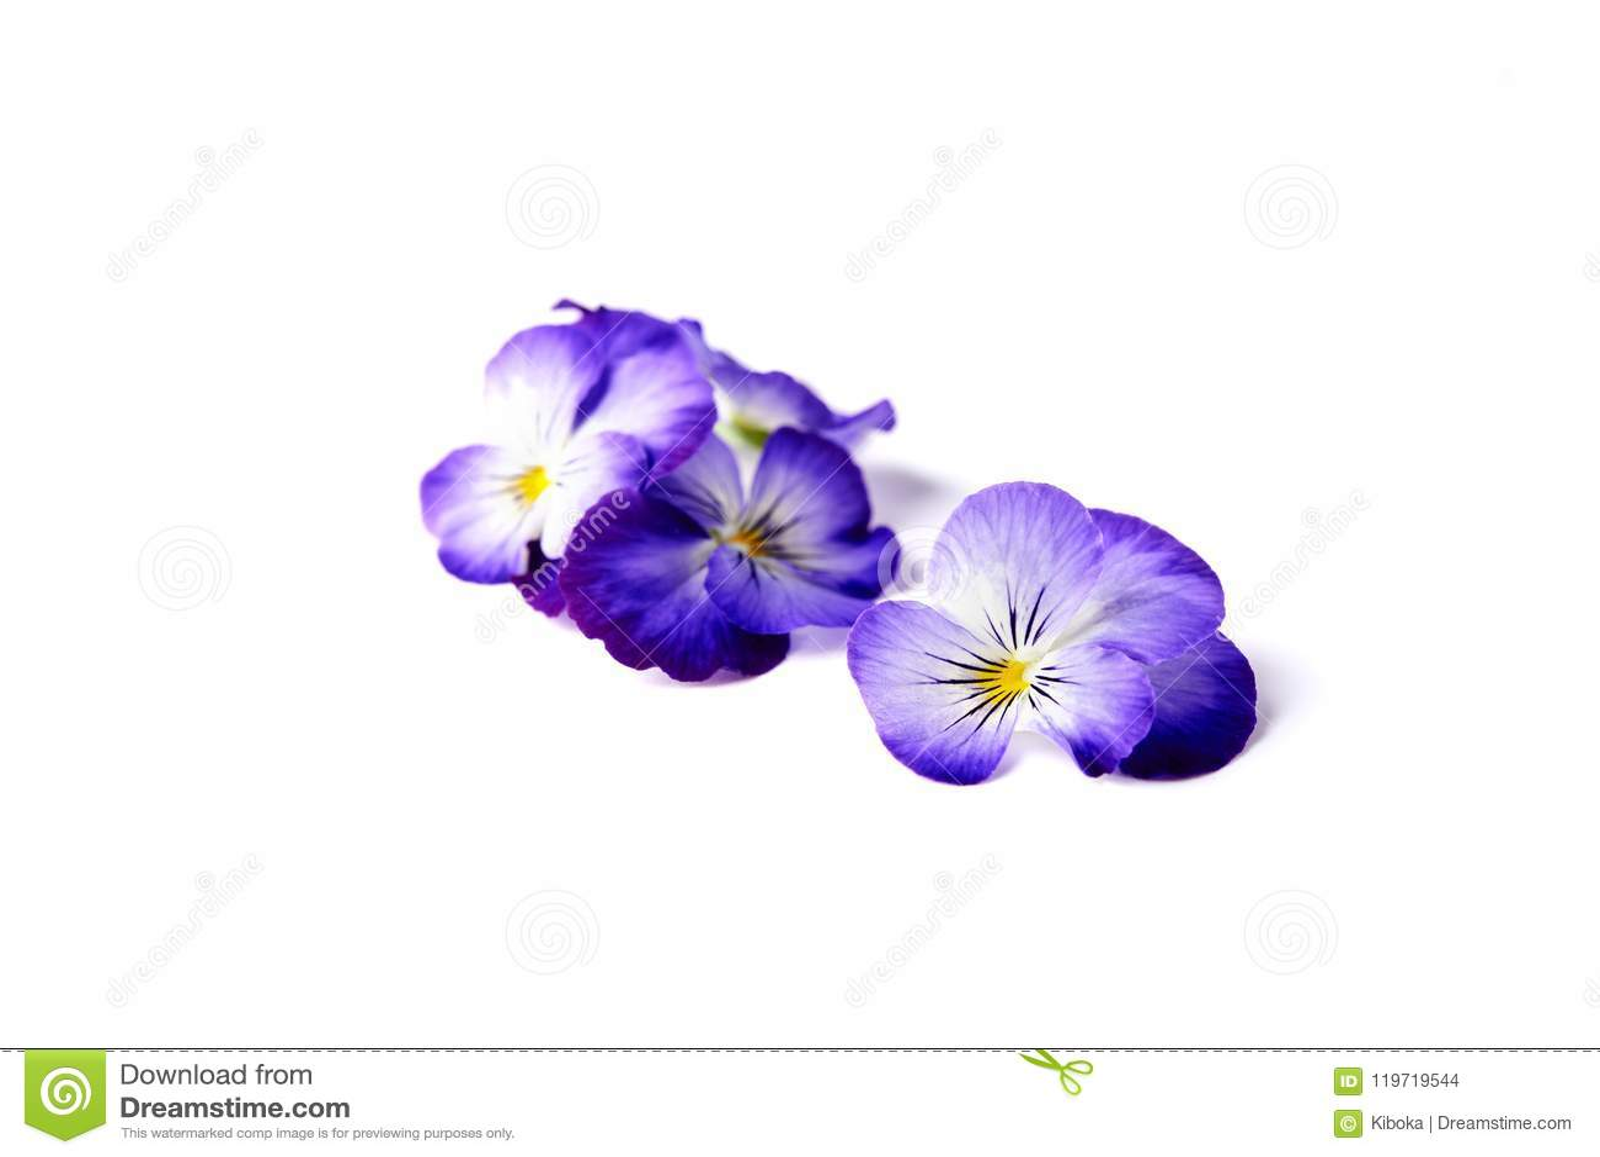 Blue Edible Flowers Of Viola Stock Photo Image Of Herbal Violet